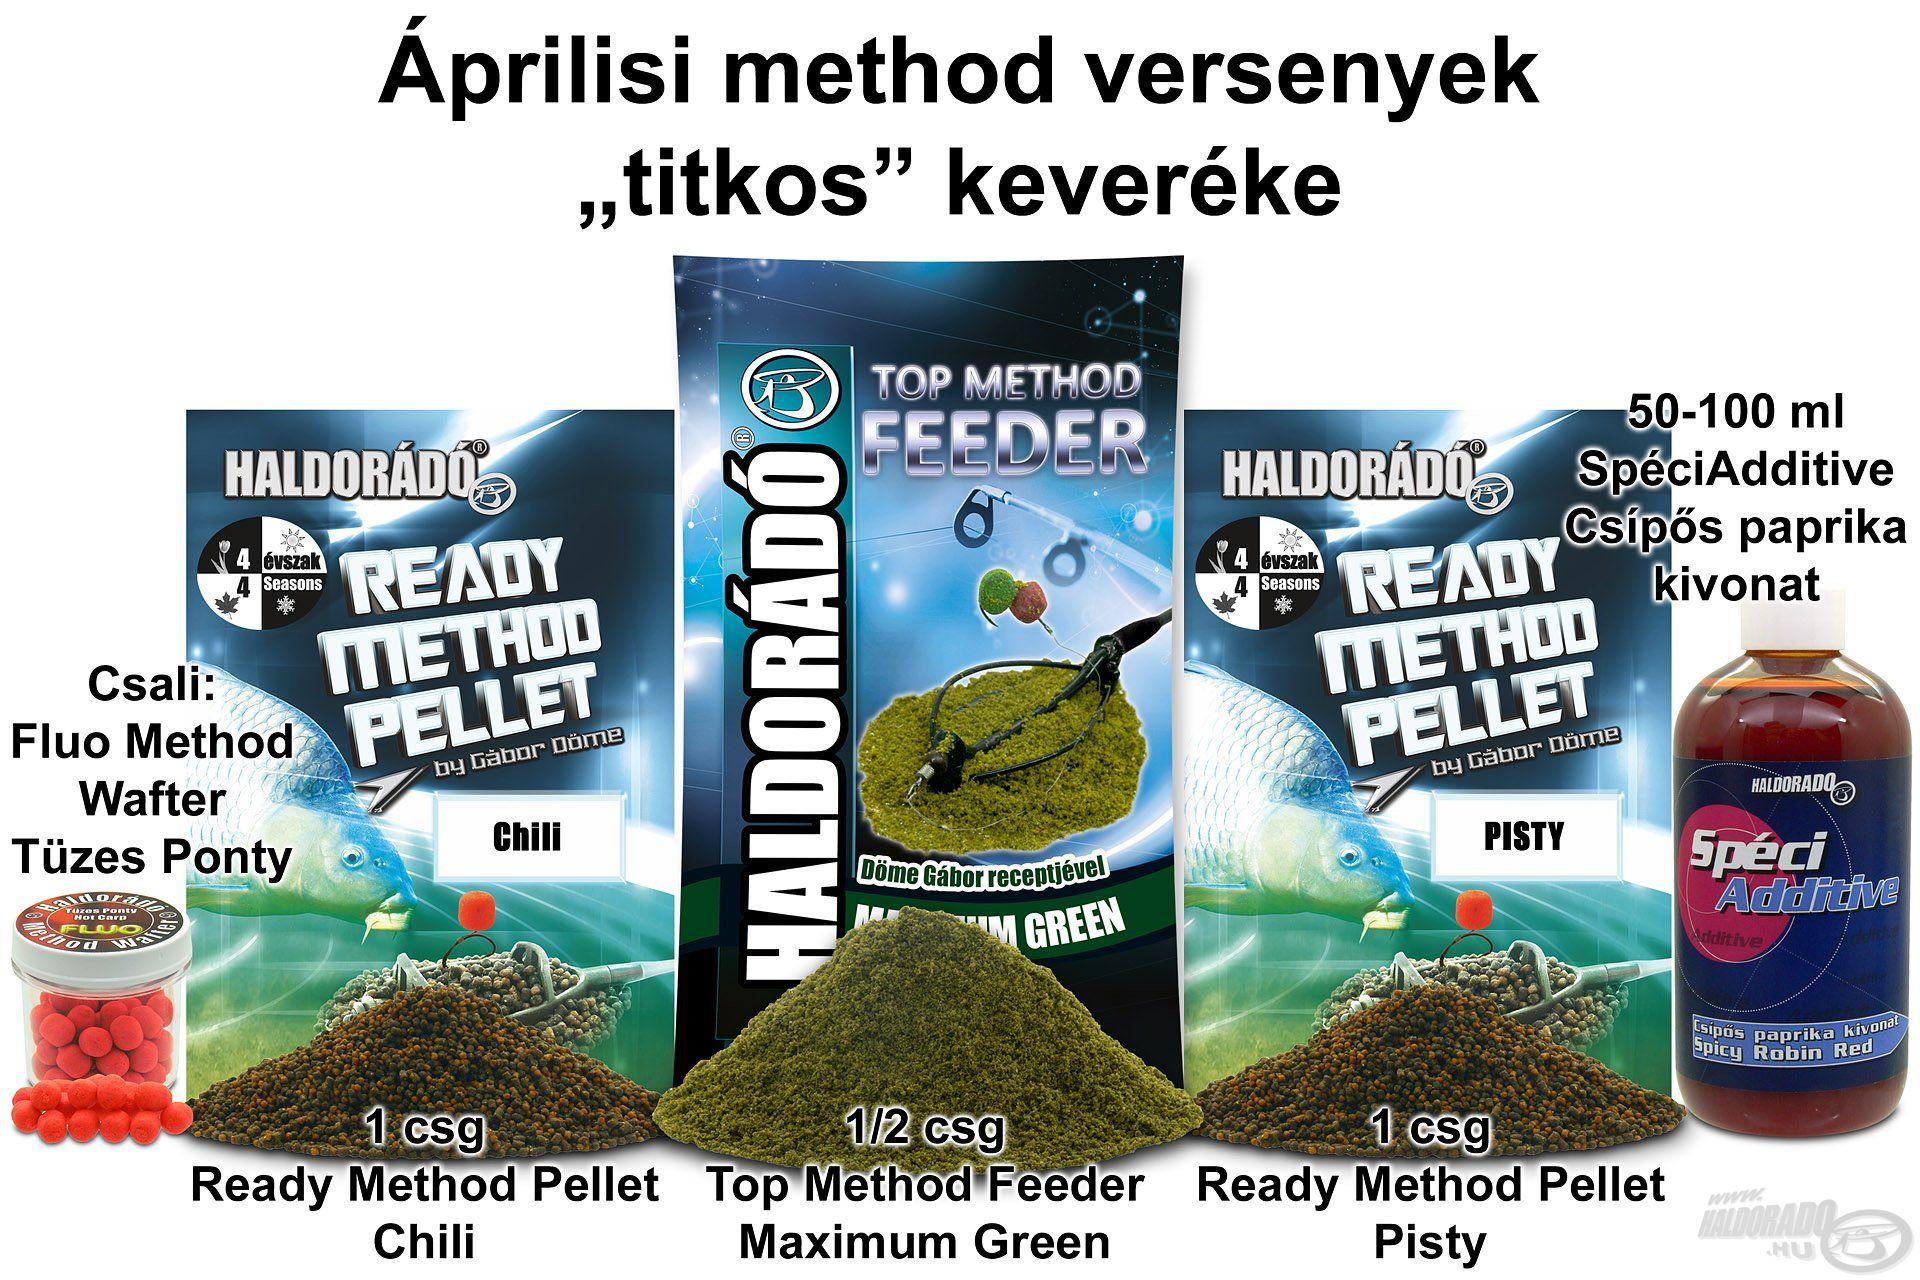 Ez a recept könnyen elkészíthető, könnyen kezelhető, így ideális a gyakorló horgászatokhoz, mert nem kell vele sokat bíbelődni, és persze roppant fogós!